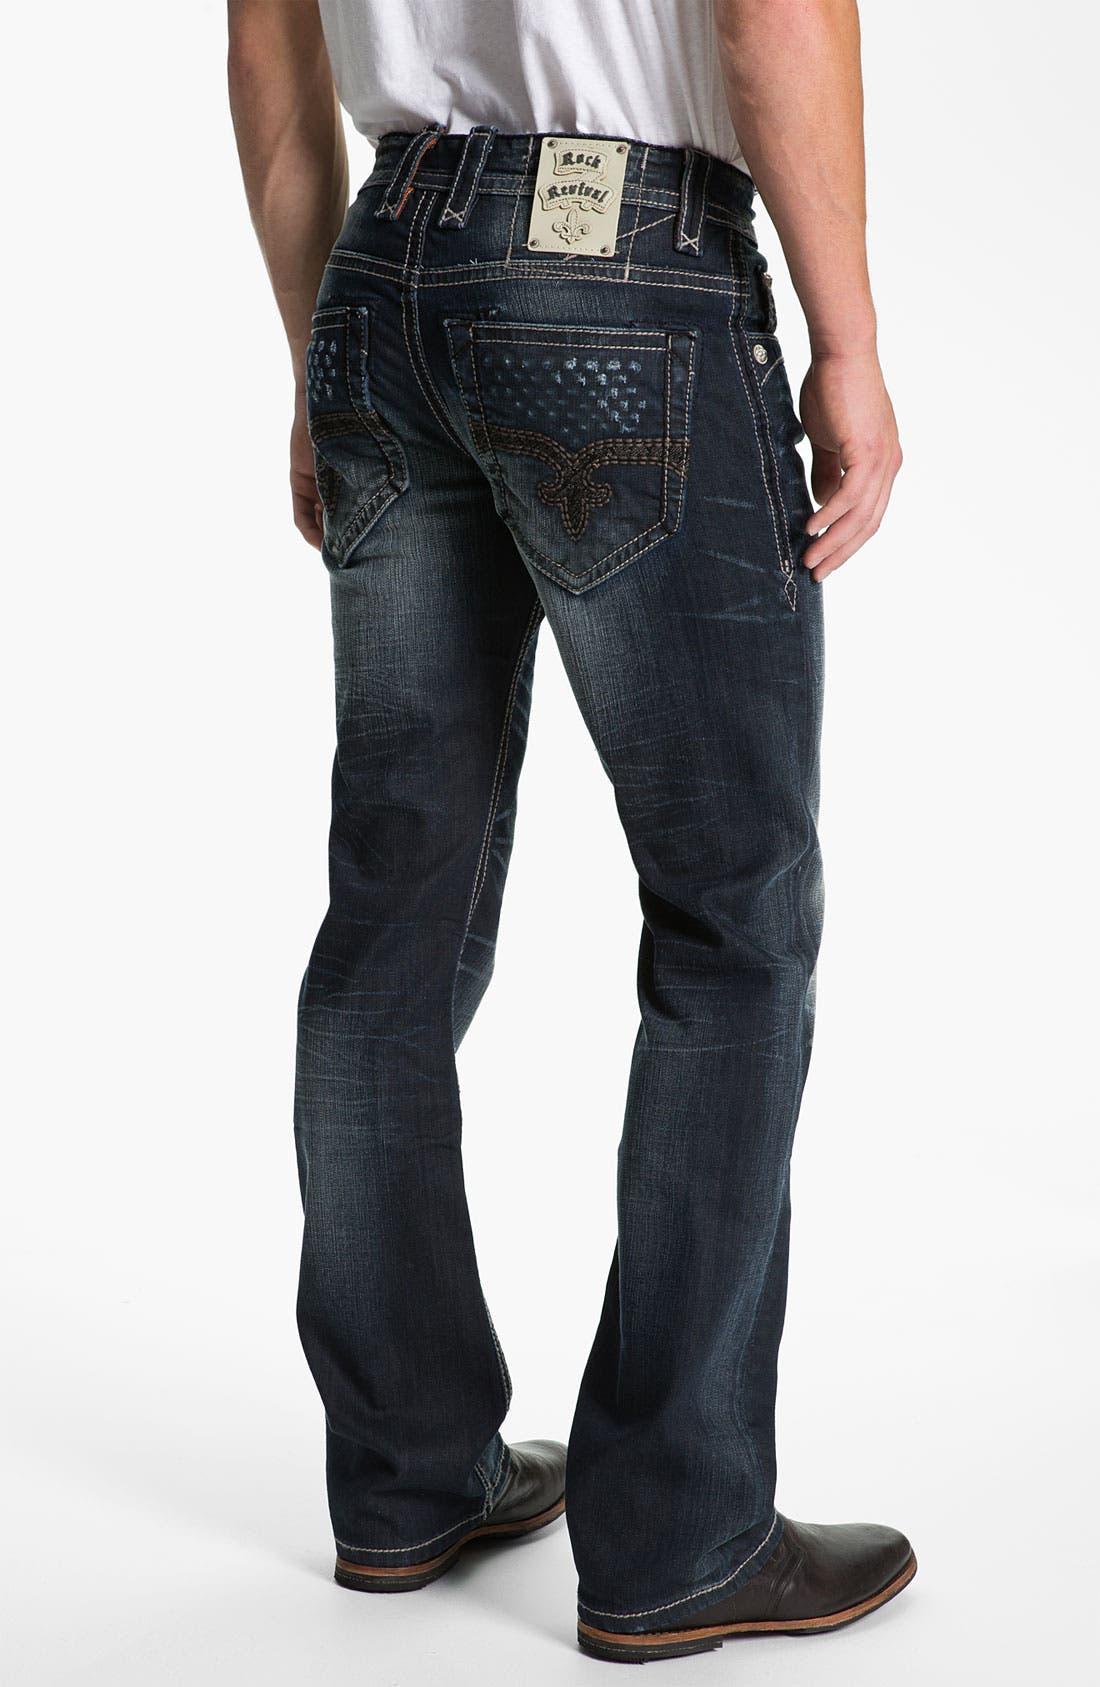 Alternate Image 1 Selected - Rock Revival 'Allen' Straight Leg Jeans (Dark Blue)